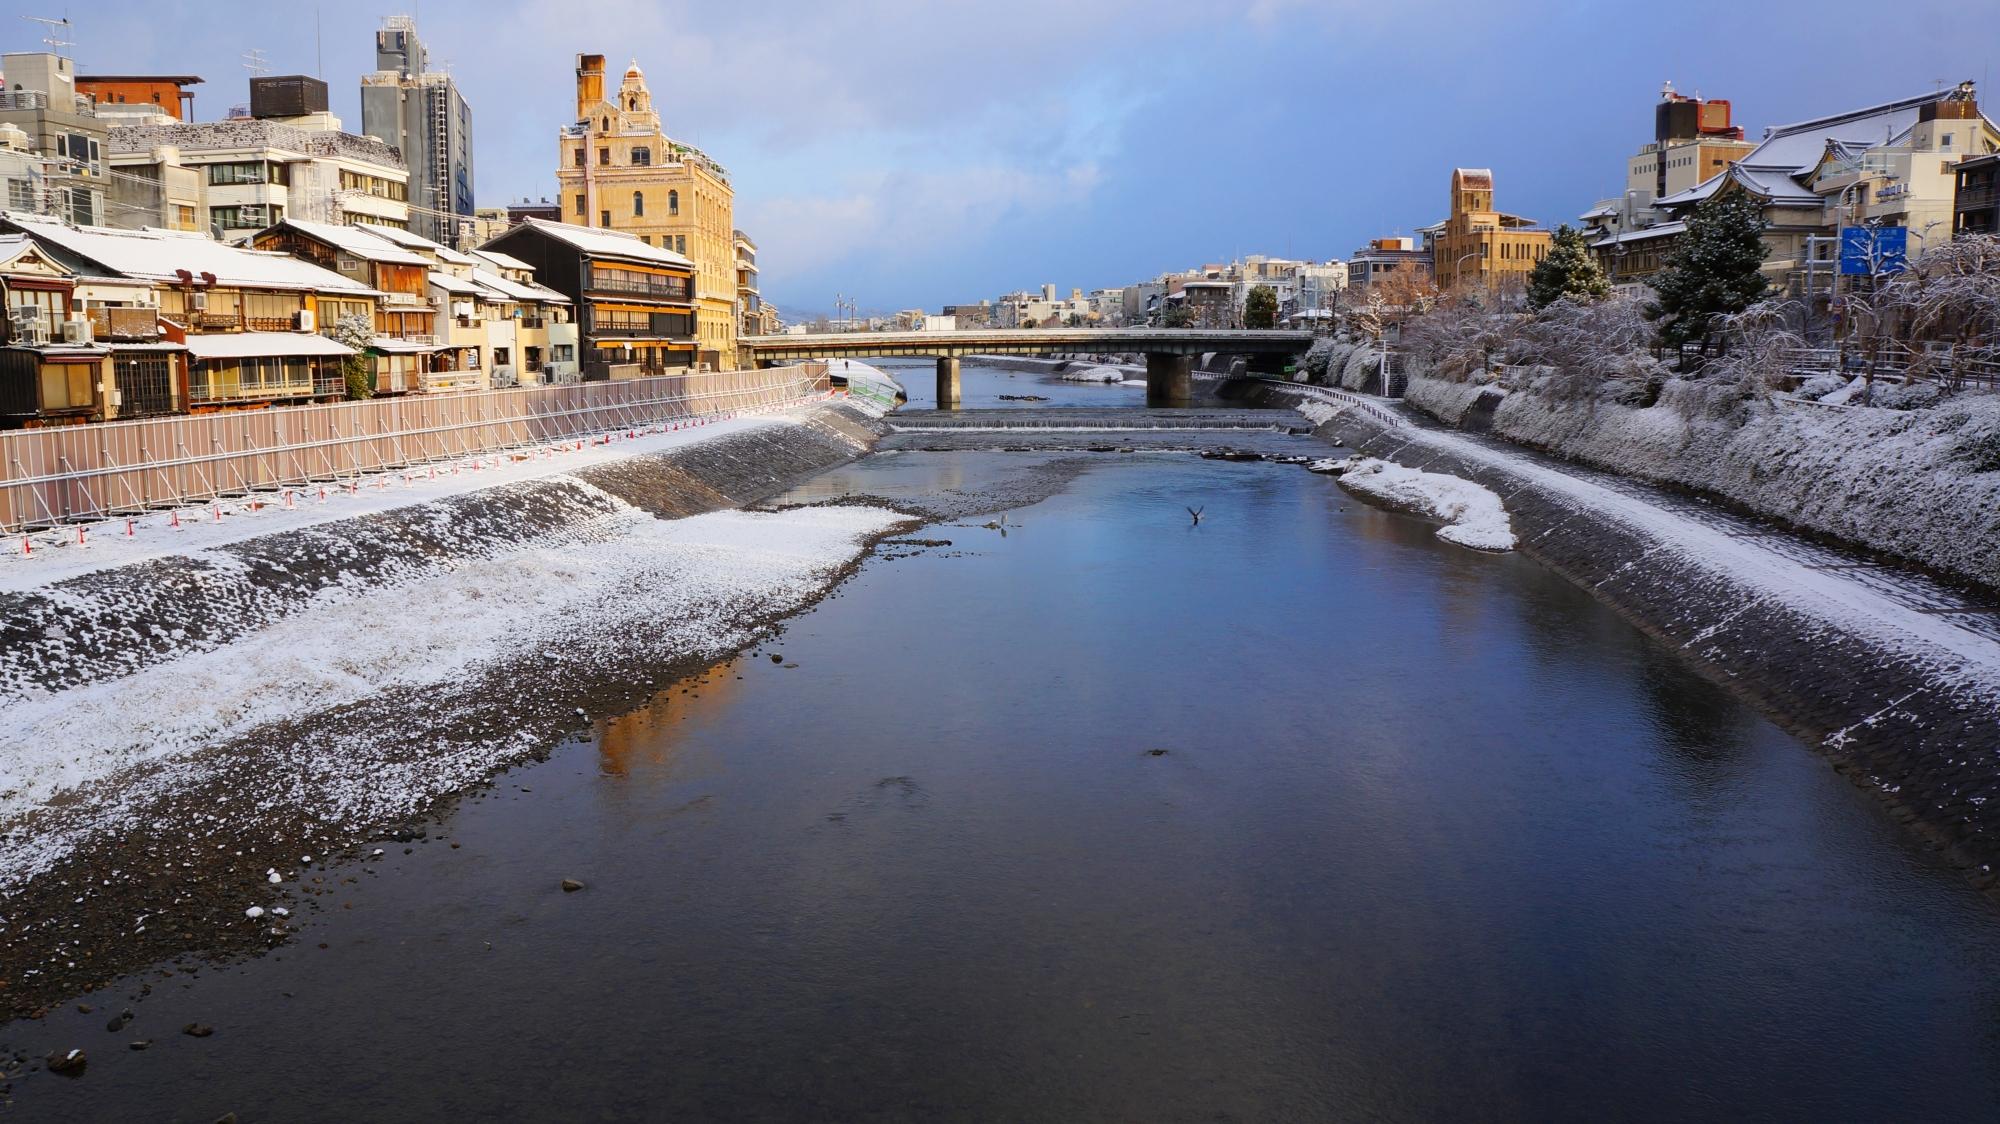 団栗橋から眺めた鴨川と四条大橋の雪景色